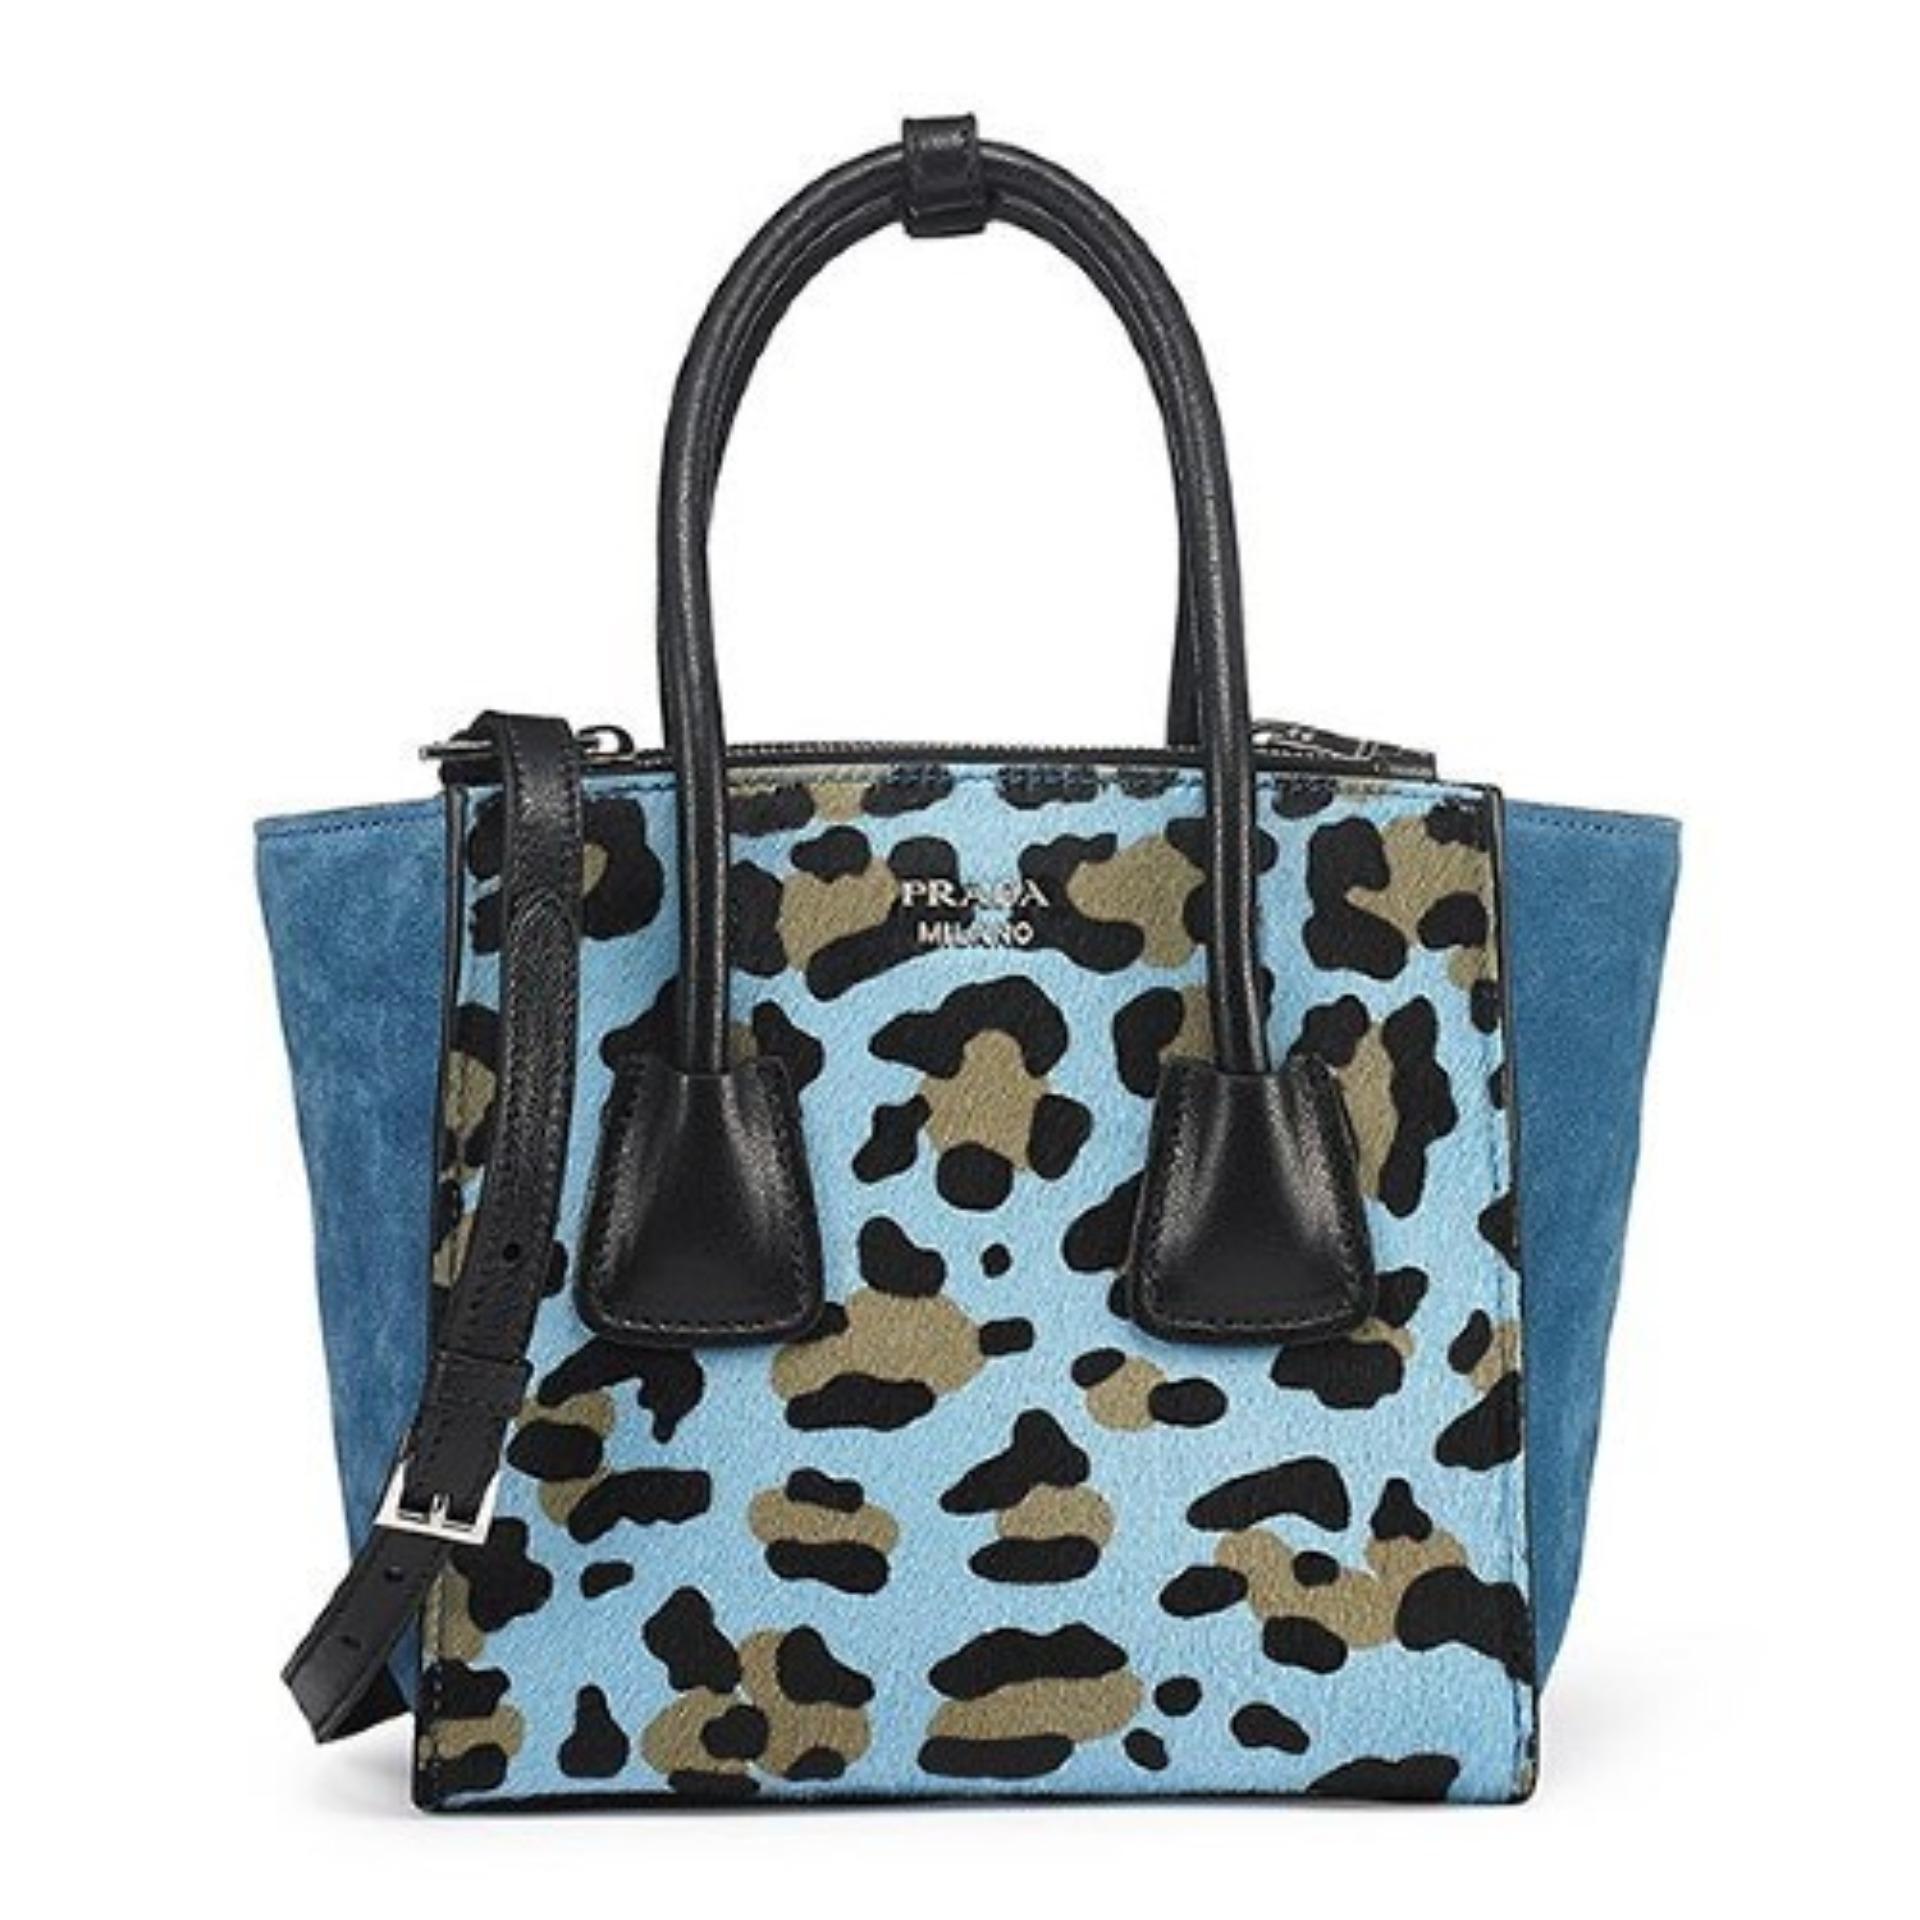 4f7d651bd371 ... uk prada leopard print tote bag bleu 1ba025zs1f0p9s 1be7e 2f3b5